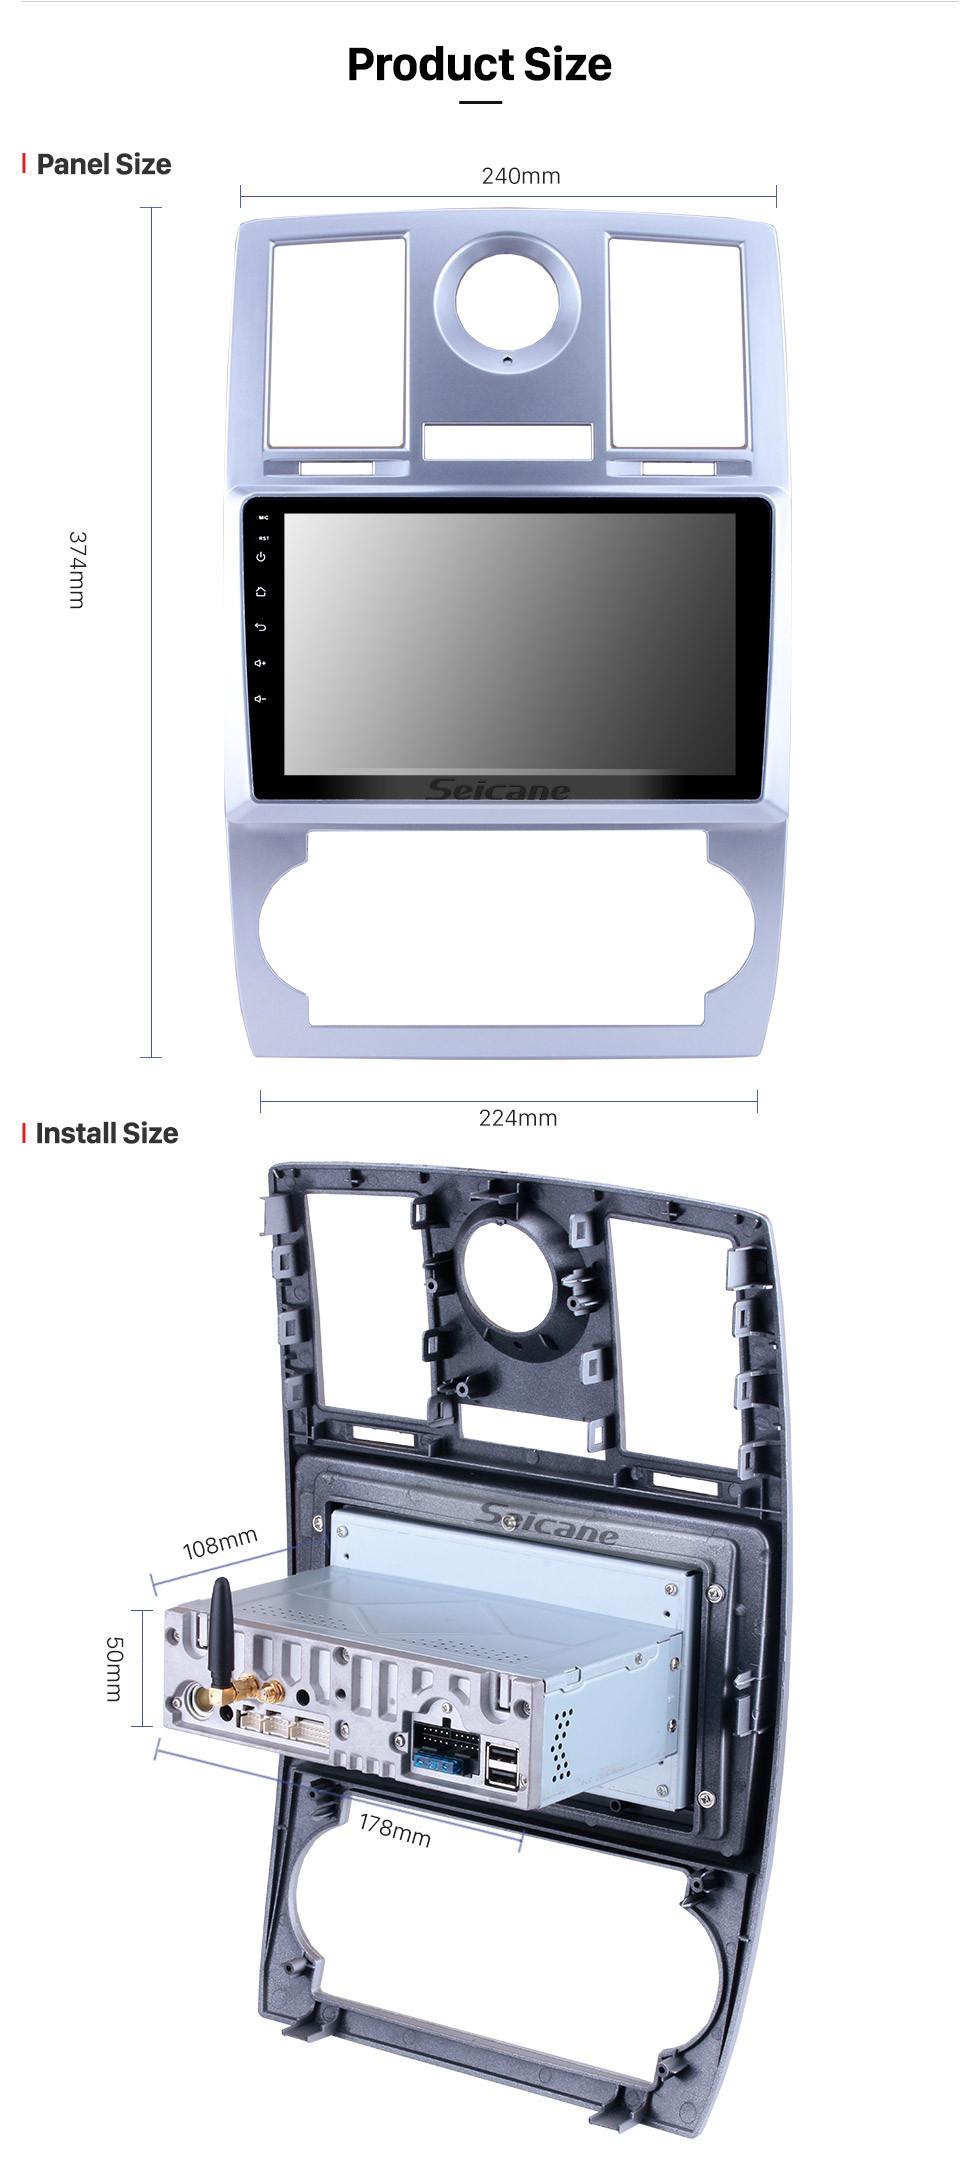 Seicane Système de navigation GPS Android 9.0 de 9 pouces pour 2004 2005 2006 2007 2008 Support de Chrysler Aspen 300C Écran tactile HD 1080P 1024 * 600 OBDII Caméra de recul DVR Caméra arrière Lien TV 3G WIFI USB